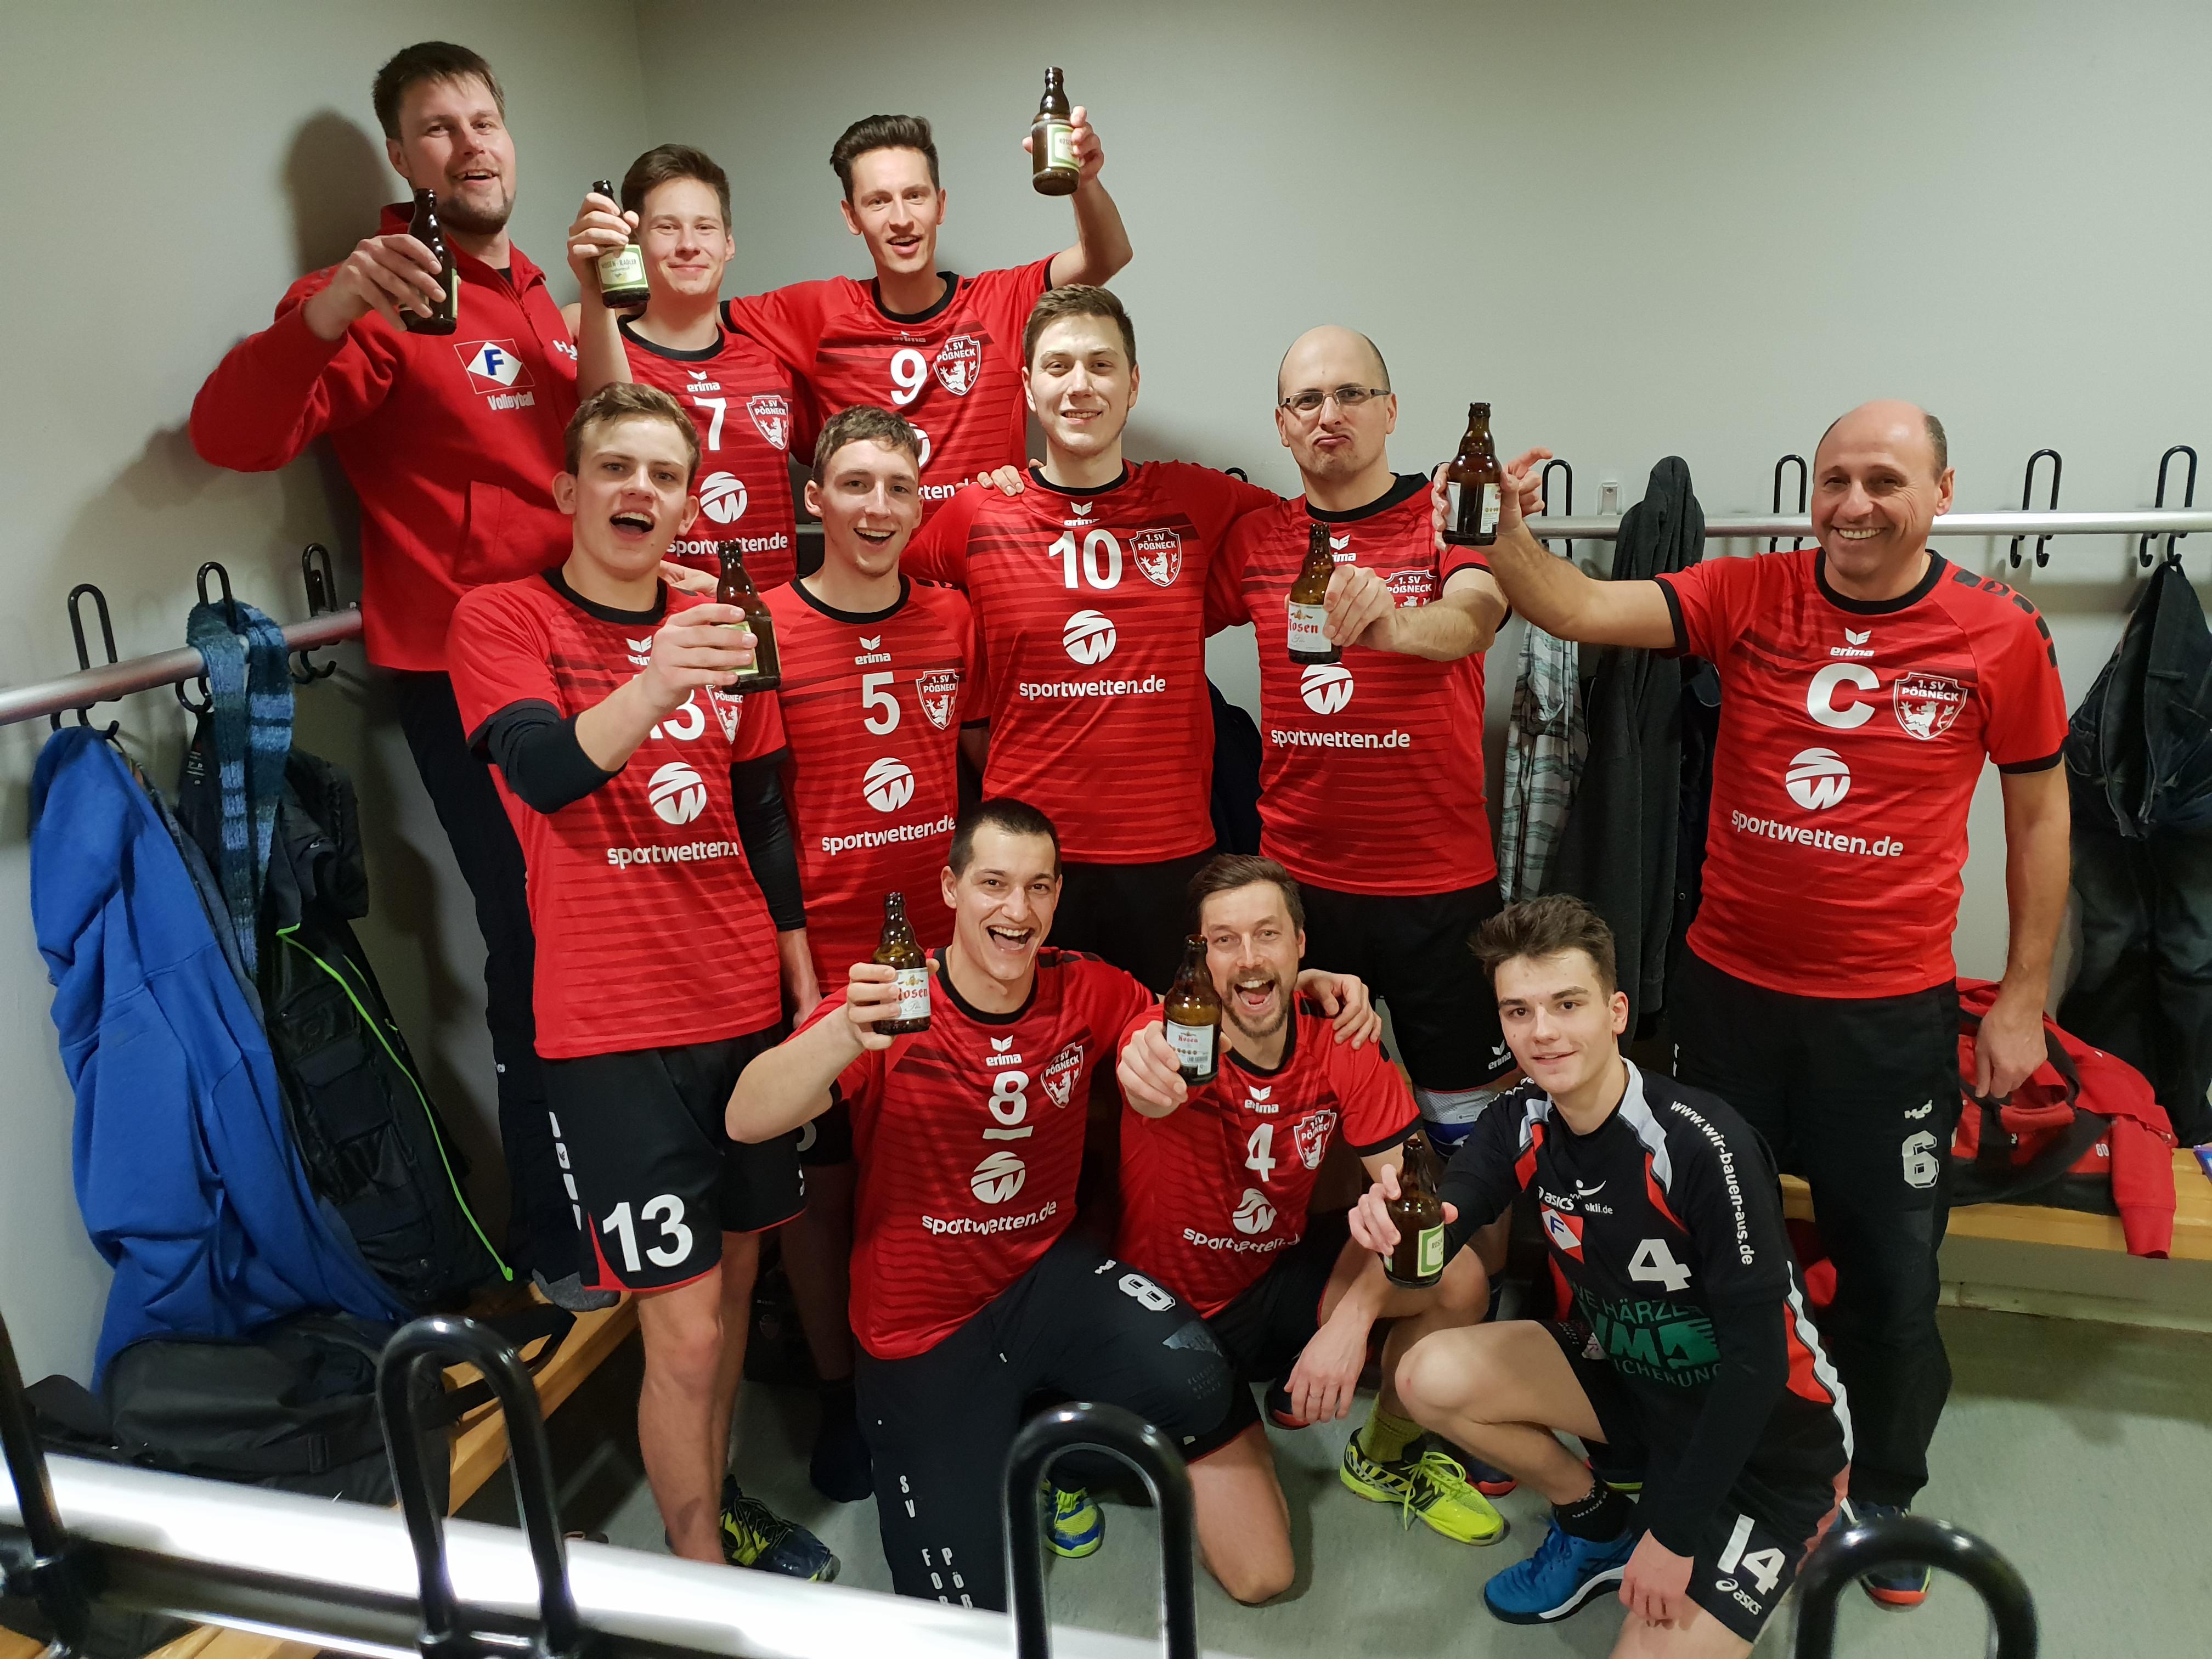 Bezirksliga Ost – Mit zwei erwarteten Siegen Platz zwei gefestigt – der nächste Spieltag entscheidet über die Meisterschaft zwischen Knau und Pößneck